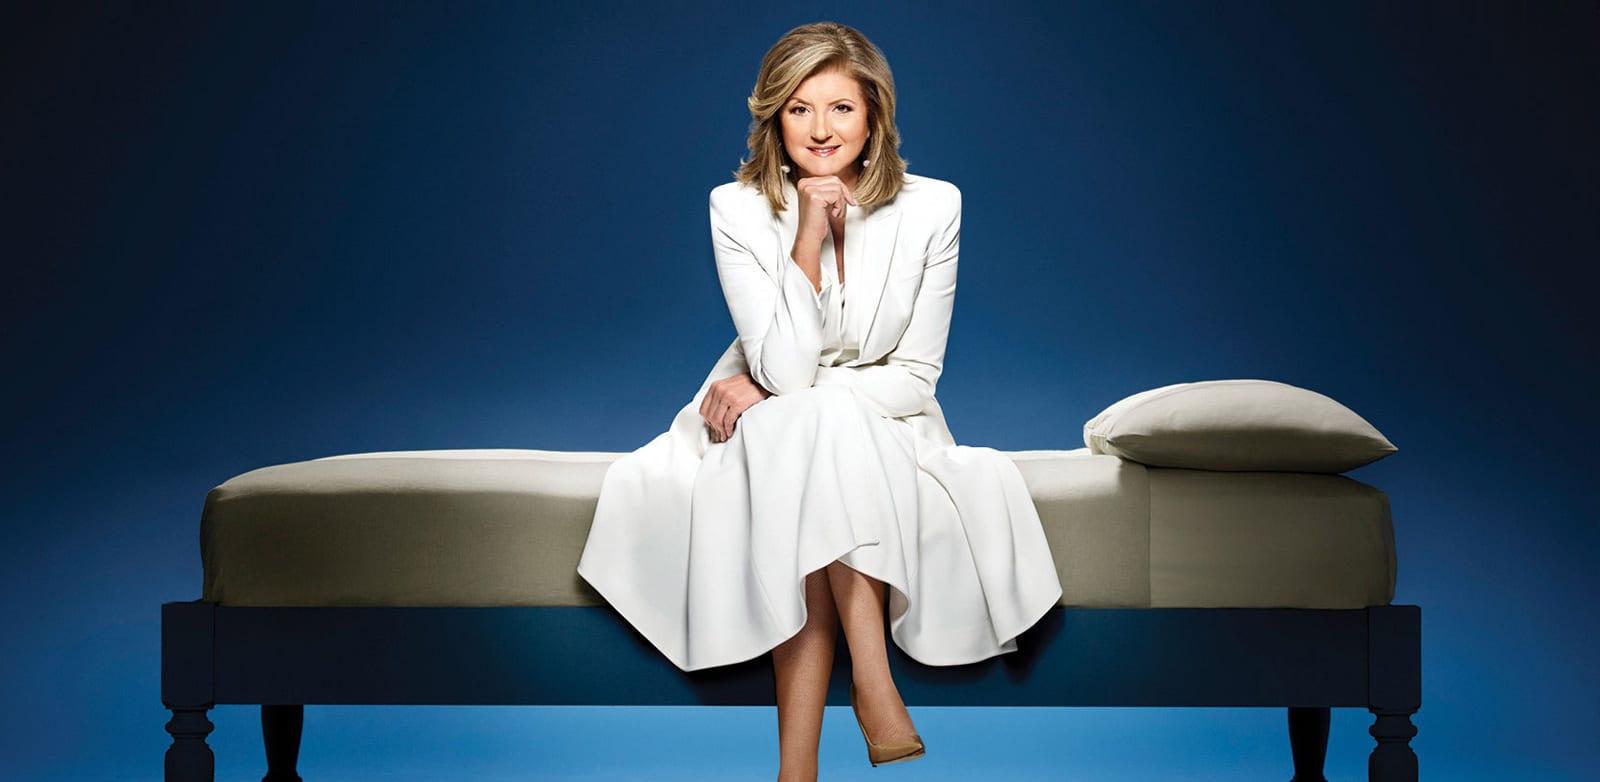 La Réussite Passe par le Sommeil — Les 5 Leçons à Retenir de la Révolution du Sommeil de Arianna Huffington